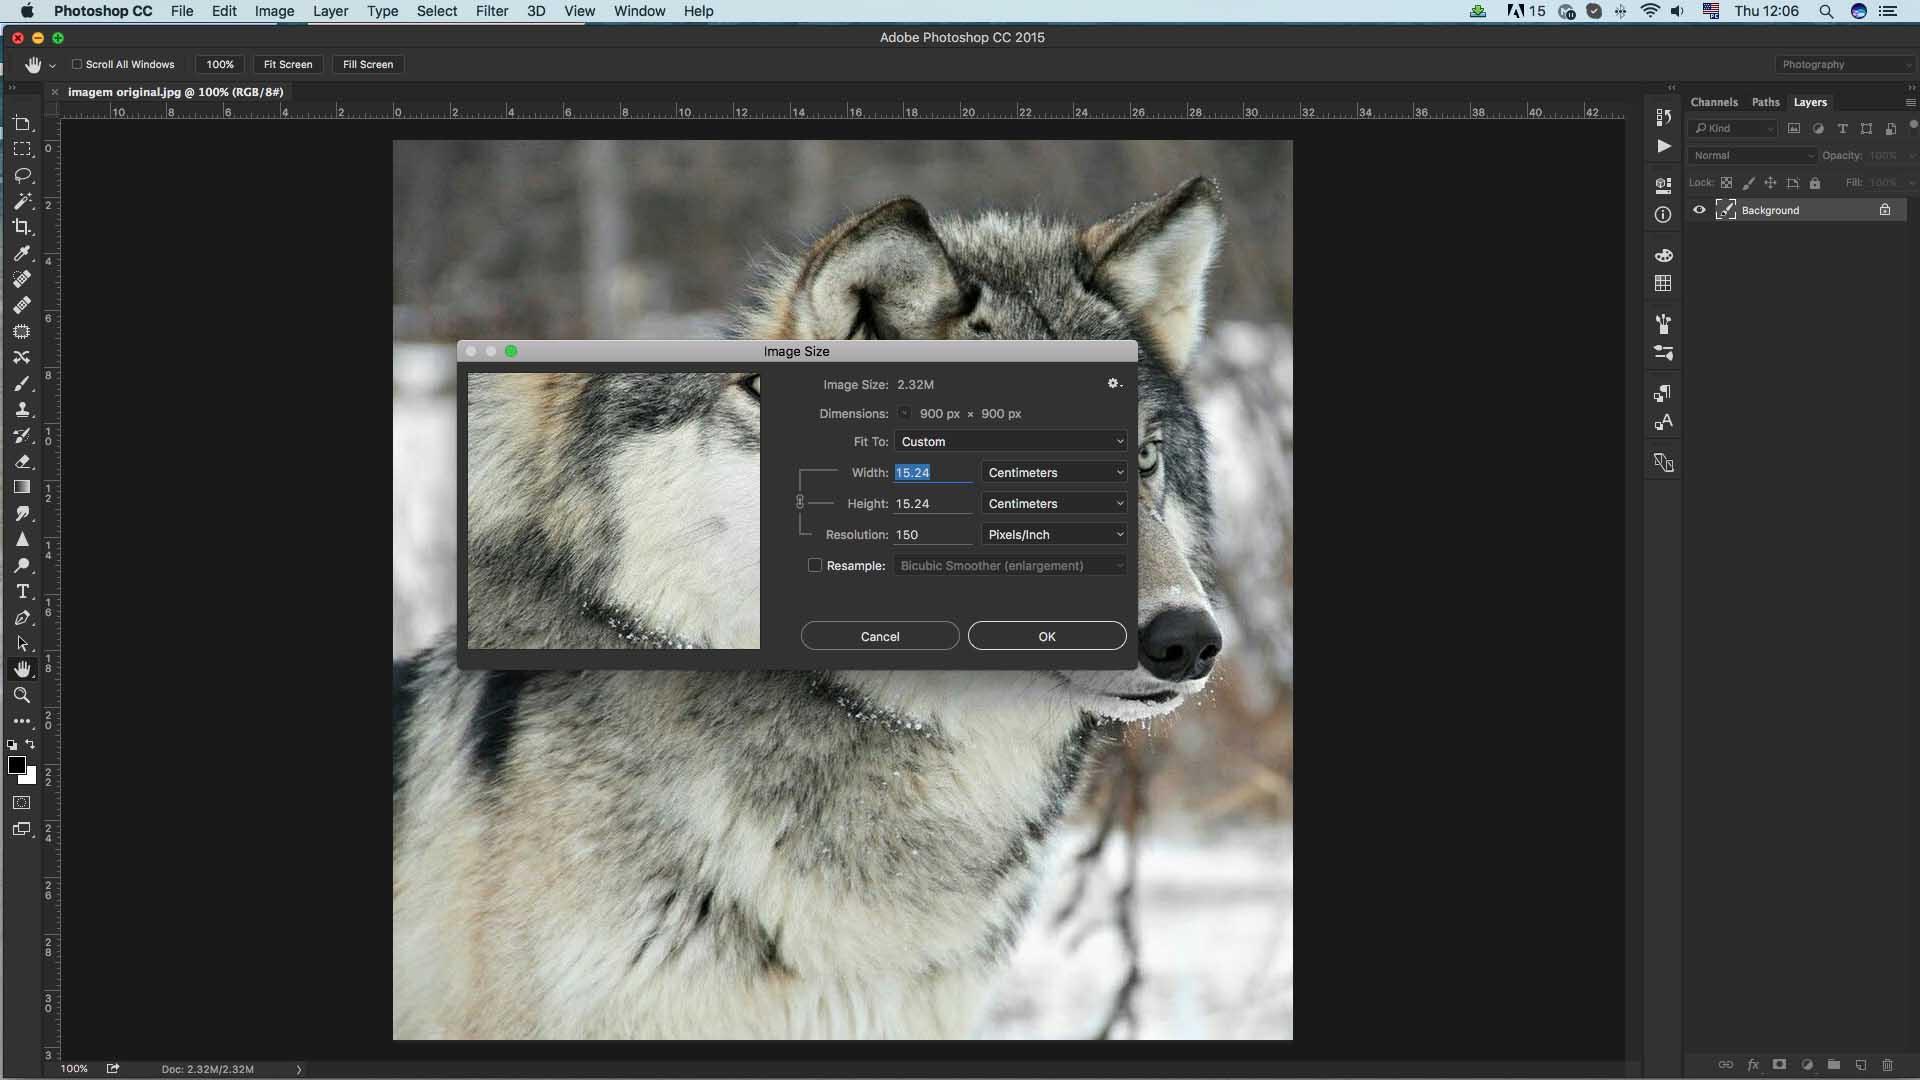 Photoshop; 150 DPI; como ampliar imagem sem perder qualidade